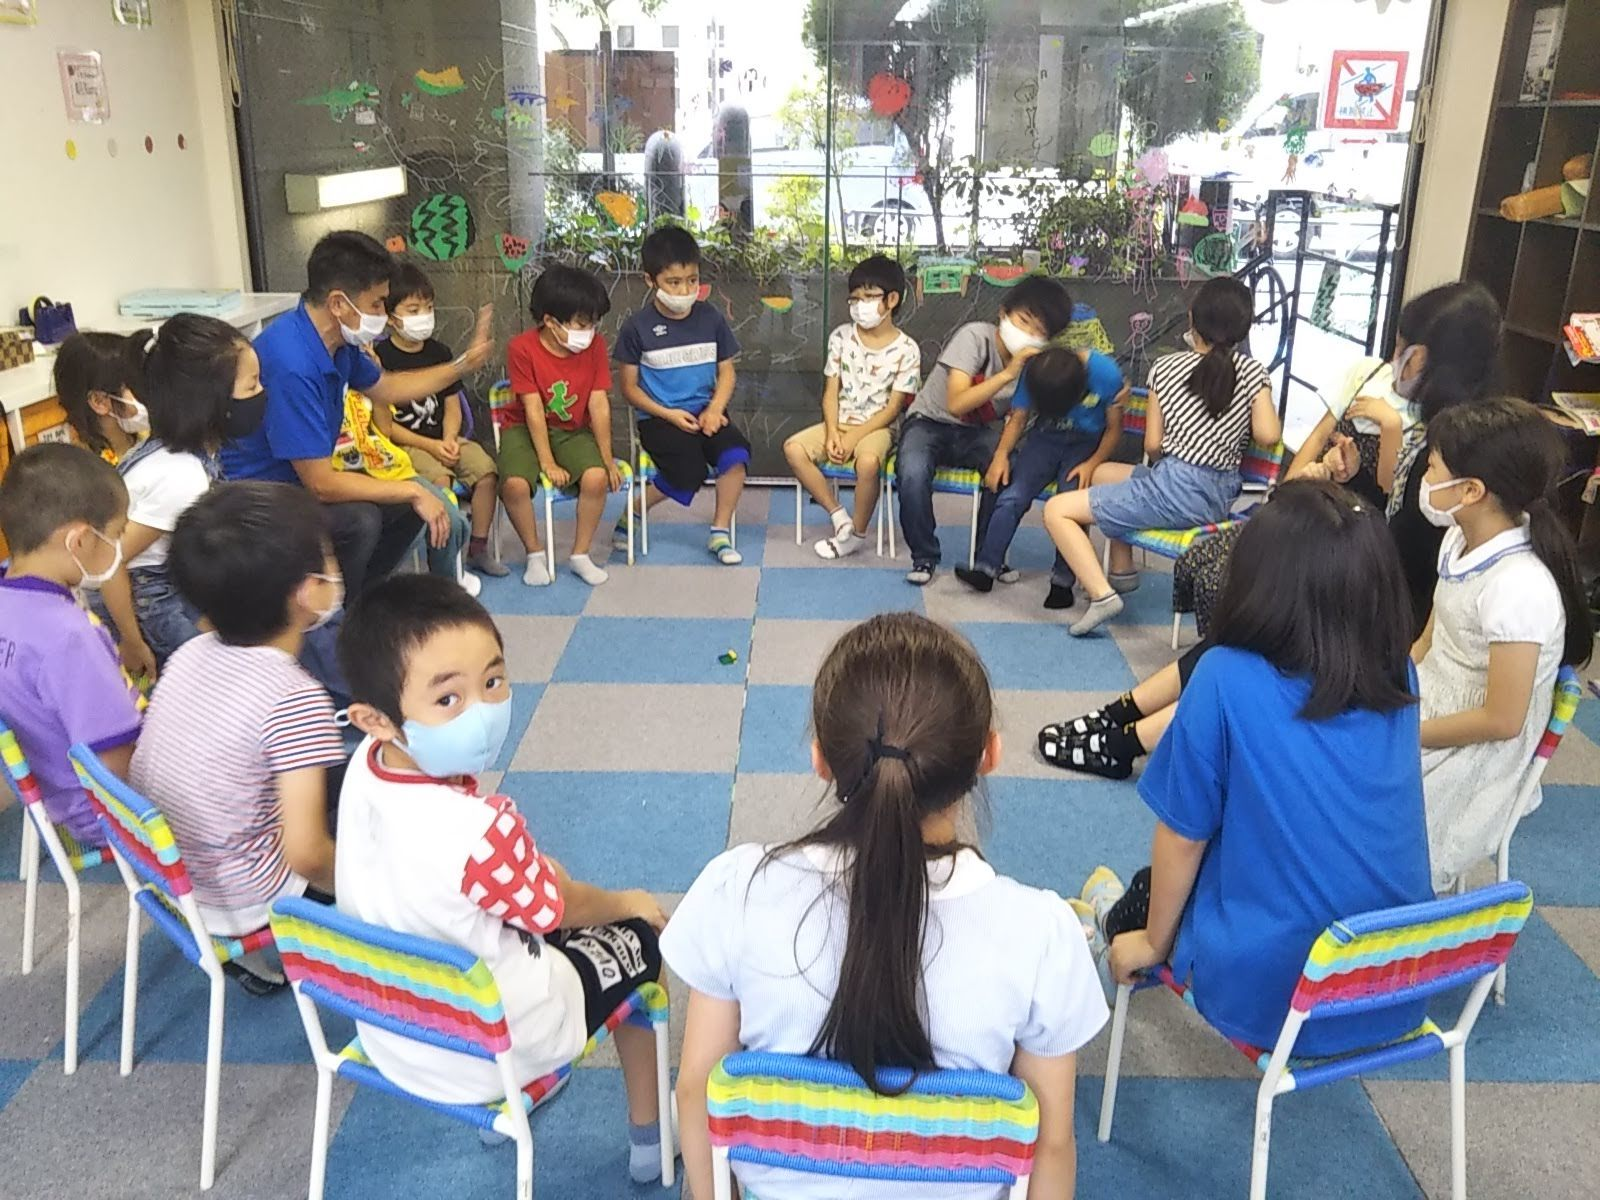 7月20日 REC / Fruit  Basket  _c0315908_12035188.jpg